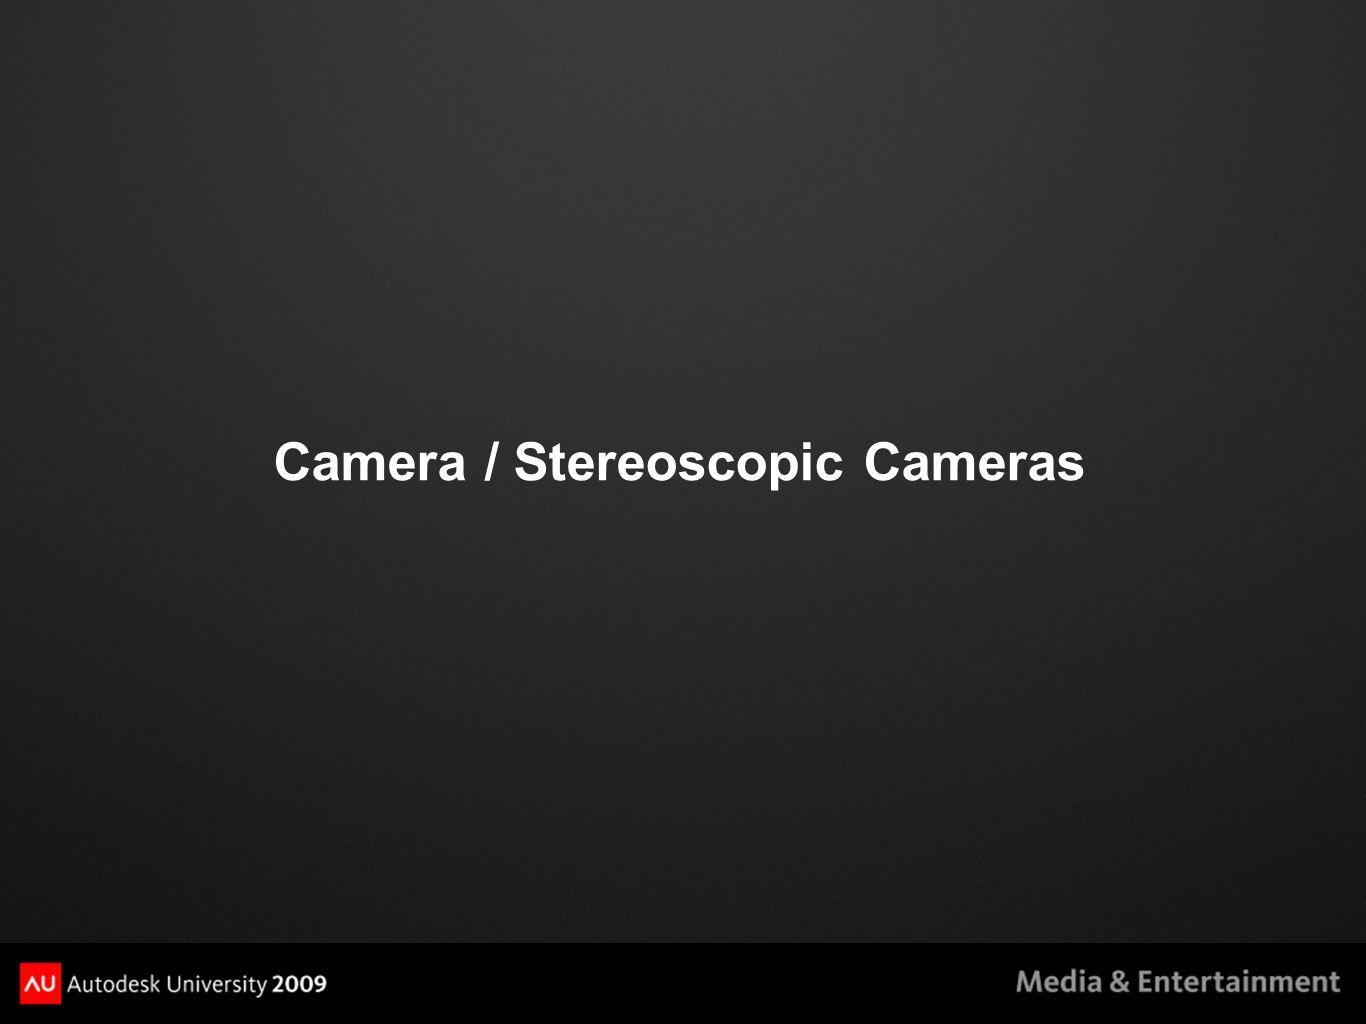 Camera / Stereoscopic Cameras